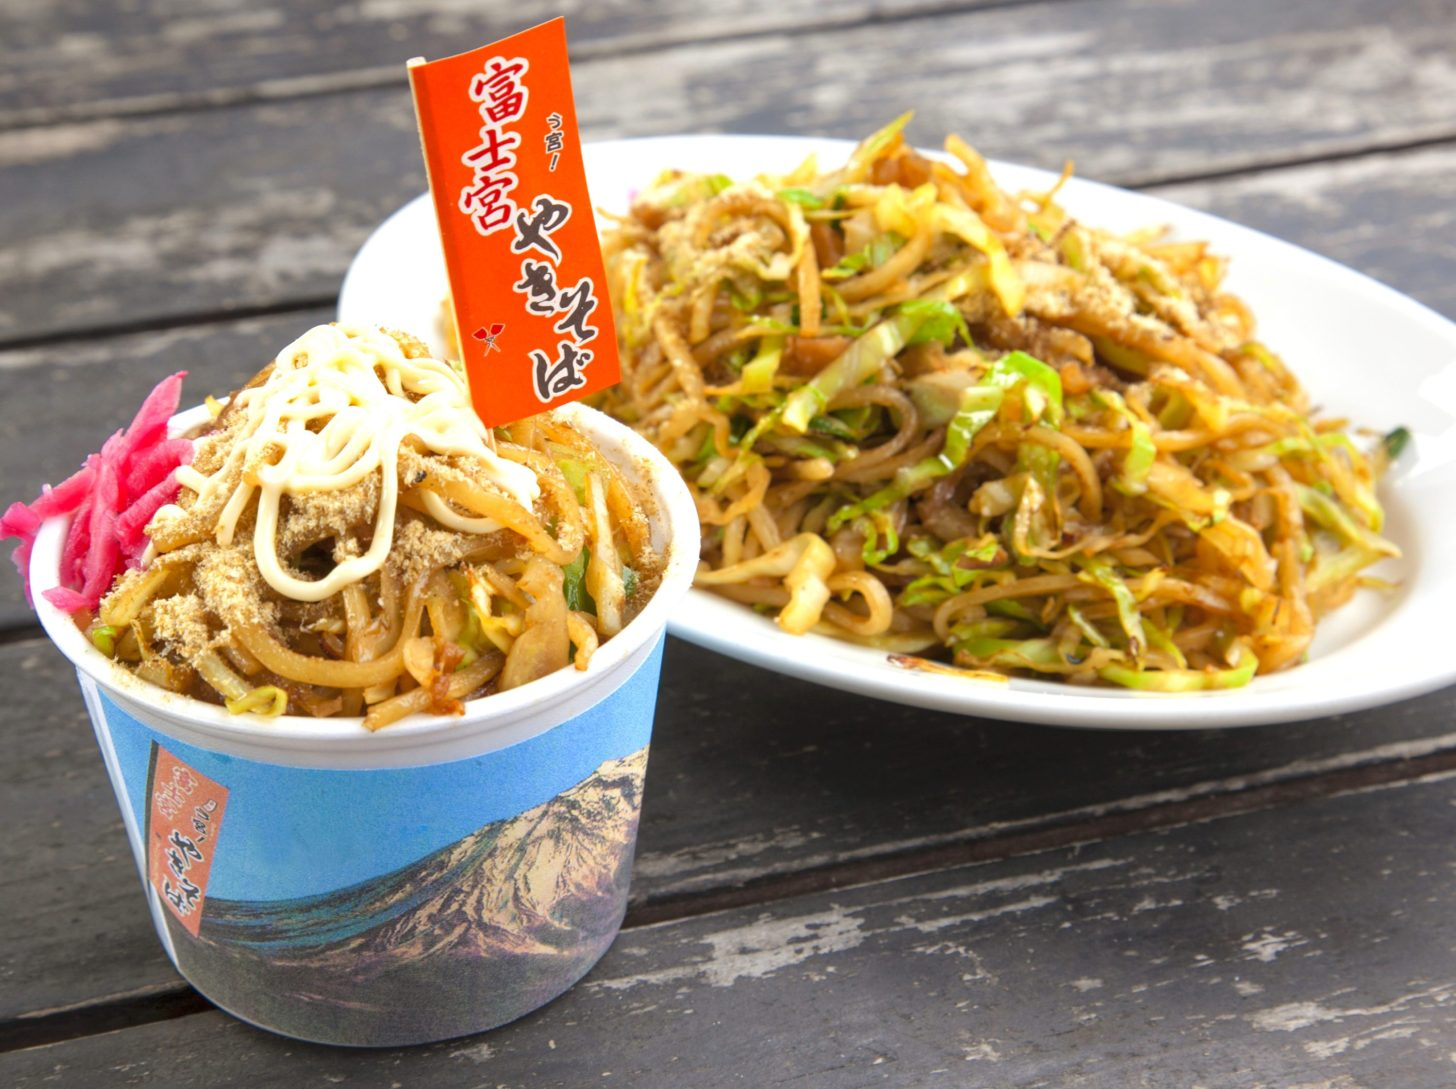 อาหาร ชิซูโอกะ : ฟูจิโนมิยะ ยากิโซบะ (Fujinomiya Yakisoba)